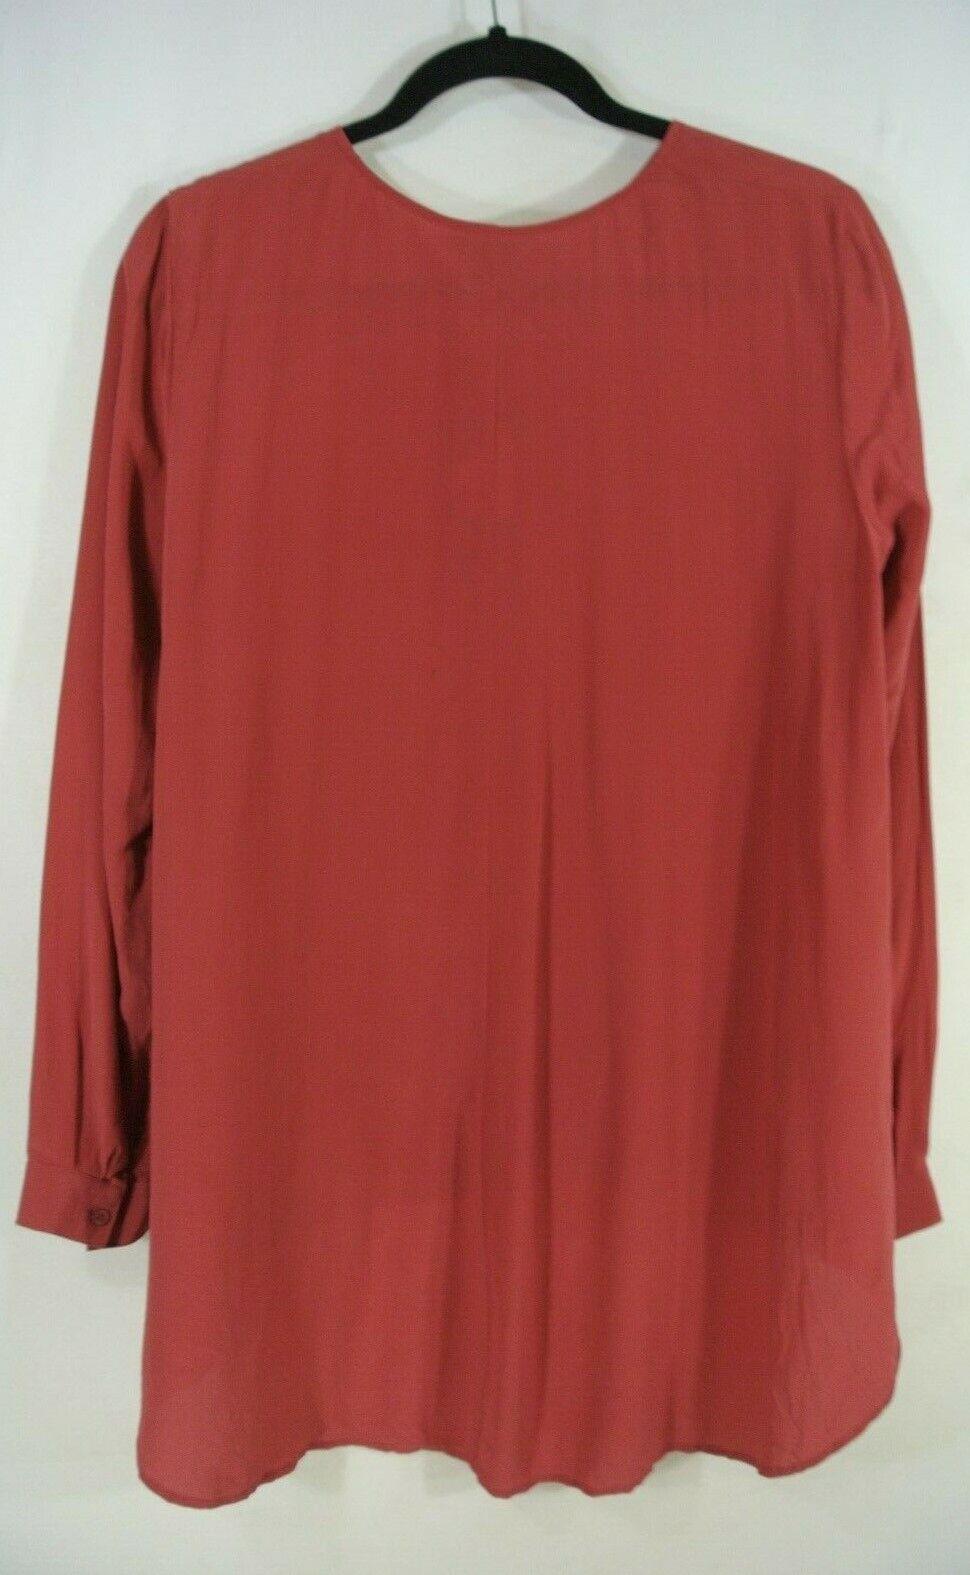 Nuevo con etiquetas etiquetas etiquetas Eileen Fisher Camisa De Cuello rojoondo De Seda Crepe En Rojo-XS  T36 6a7fad